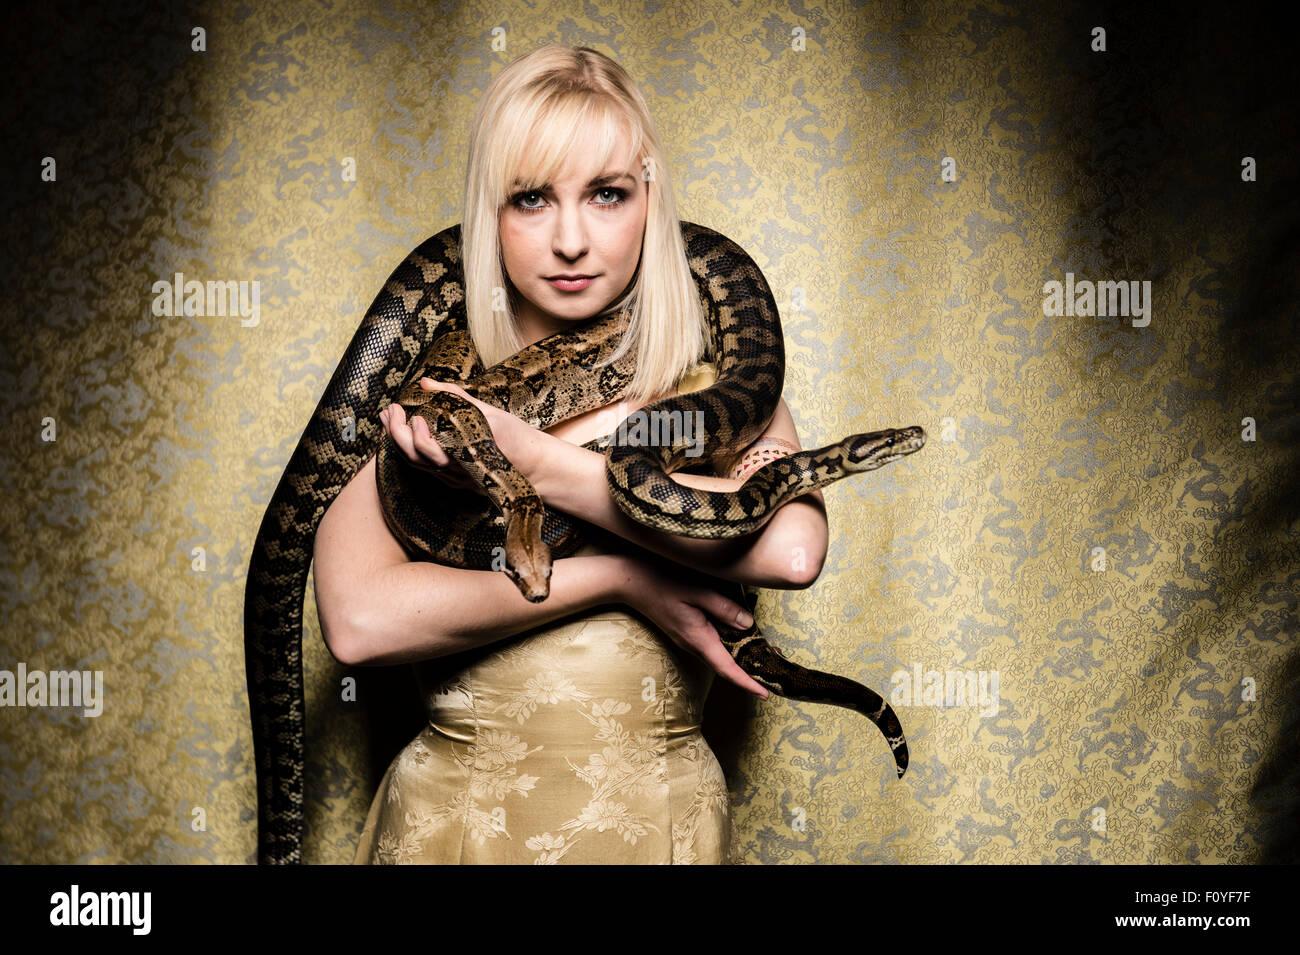 Un giovane dai capelli biondi donna ragazza persona di sesso femminile in posa con python serpenti avvolti intorno Immagini Stock